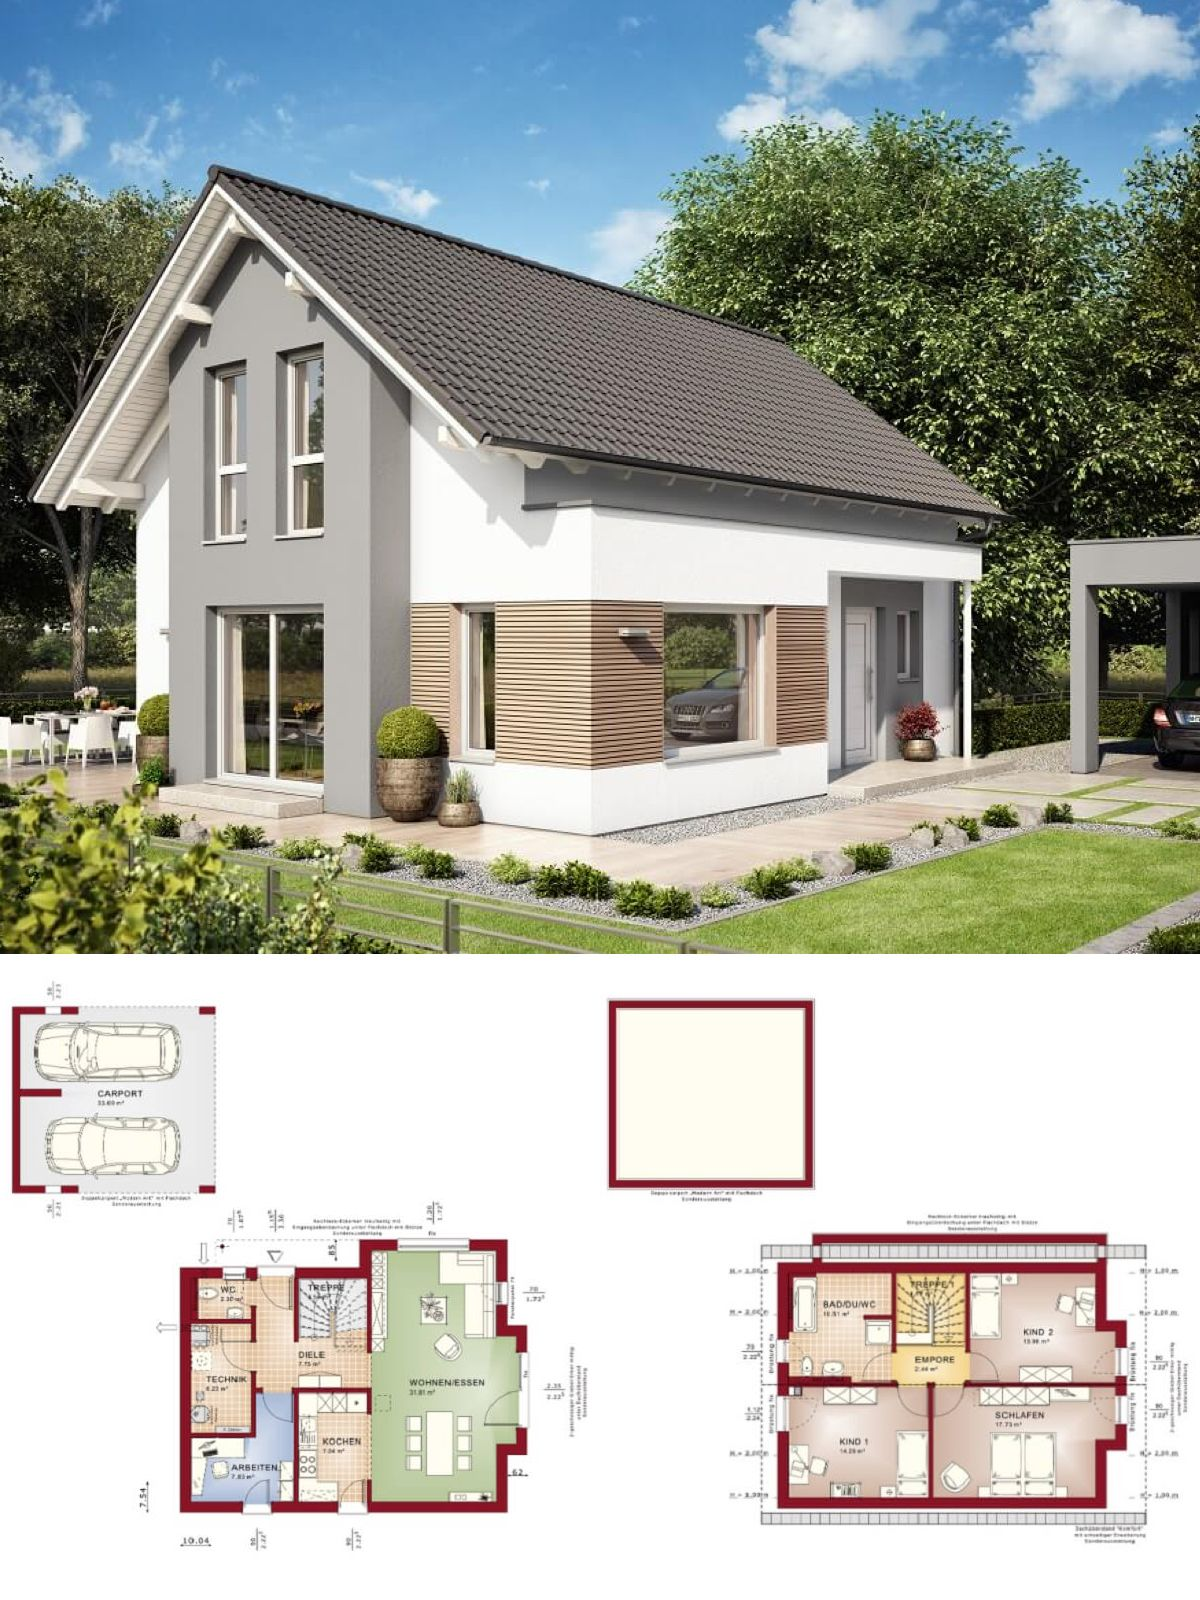 einfamilienhaus architektur klassisch mit satteldach doppelcarport haus bauen grundriss